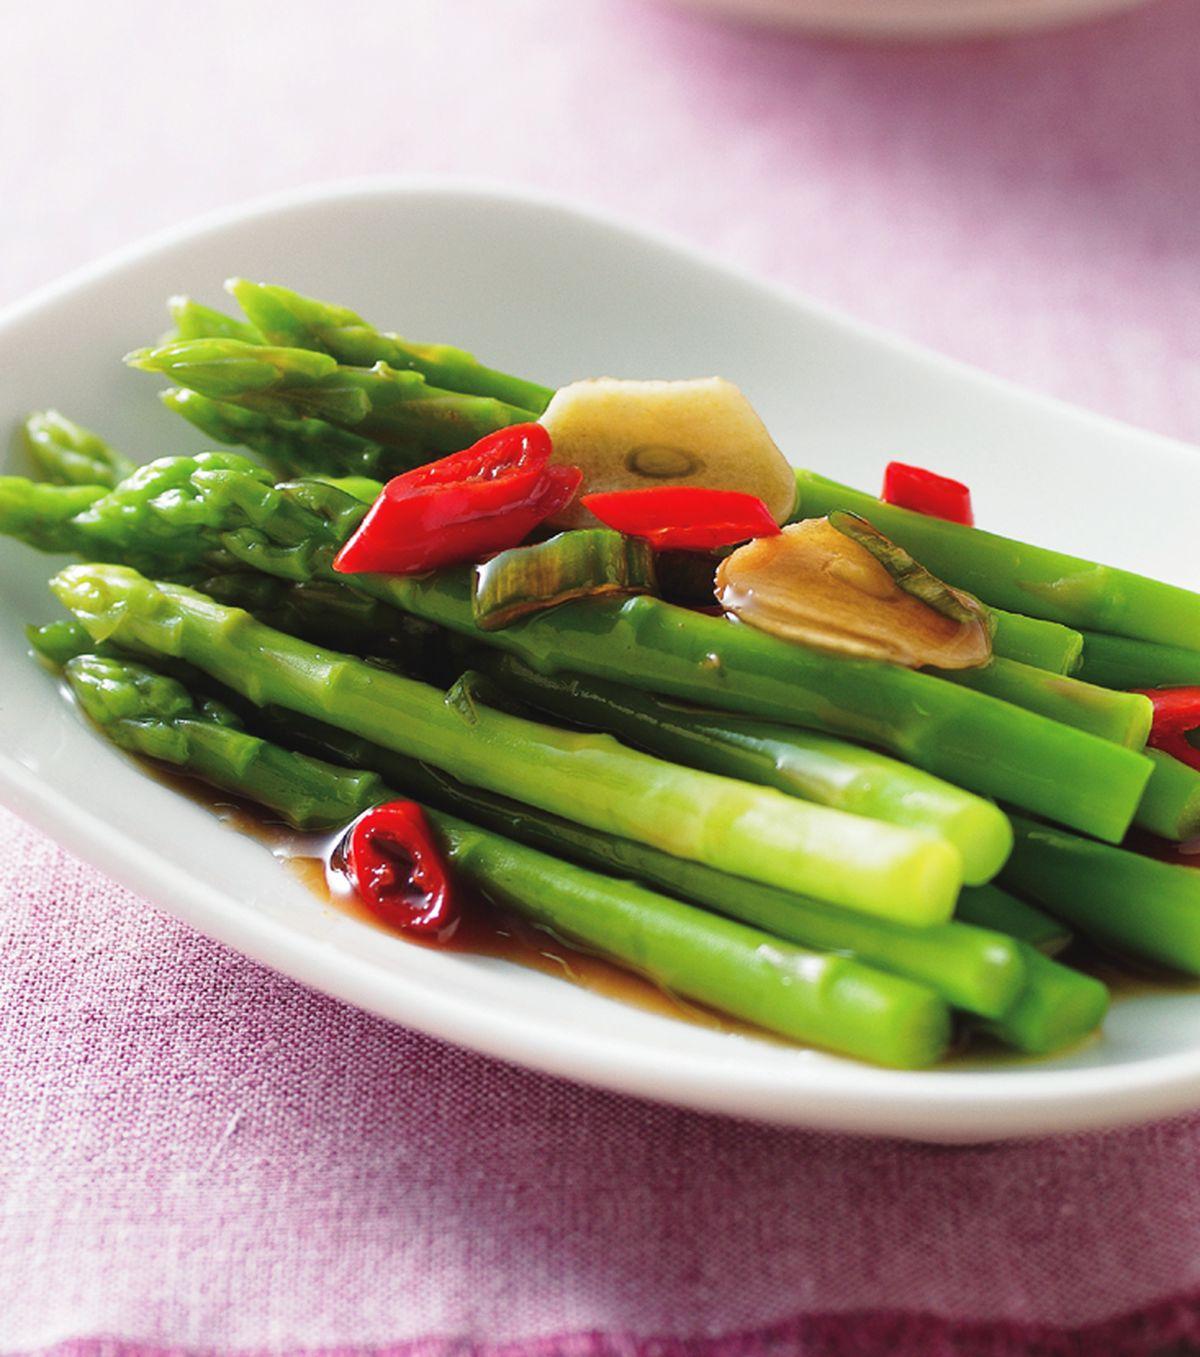 食譜:蒜淋蘆筍